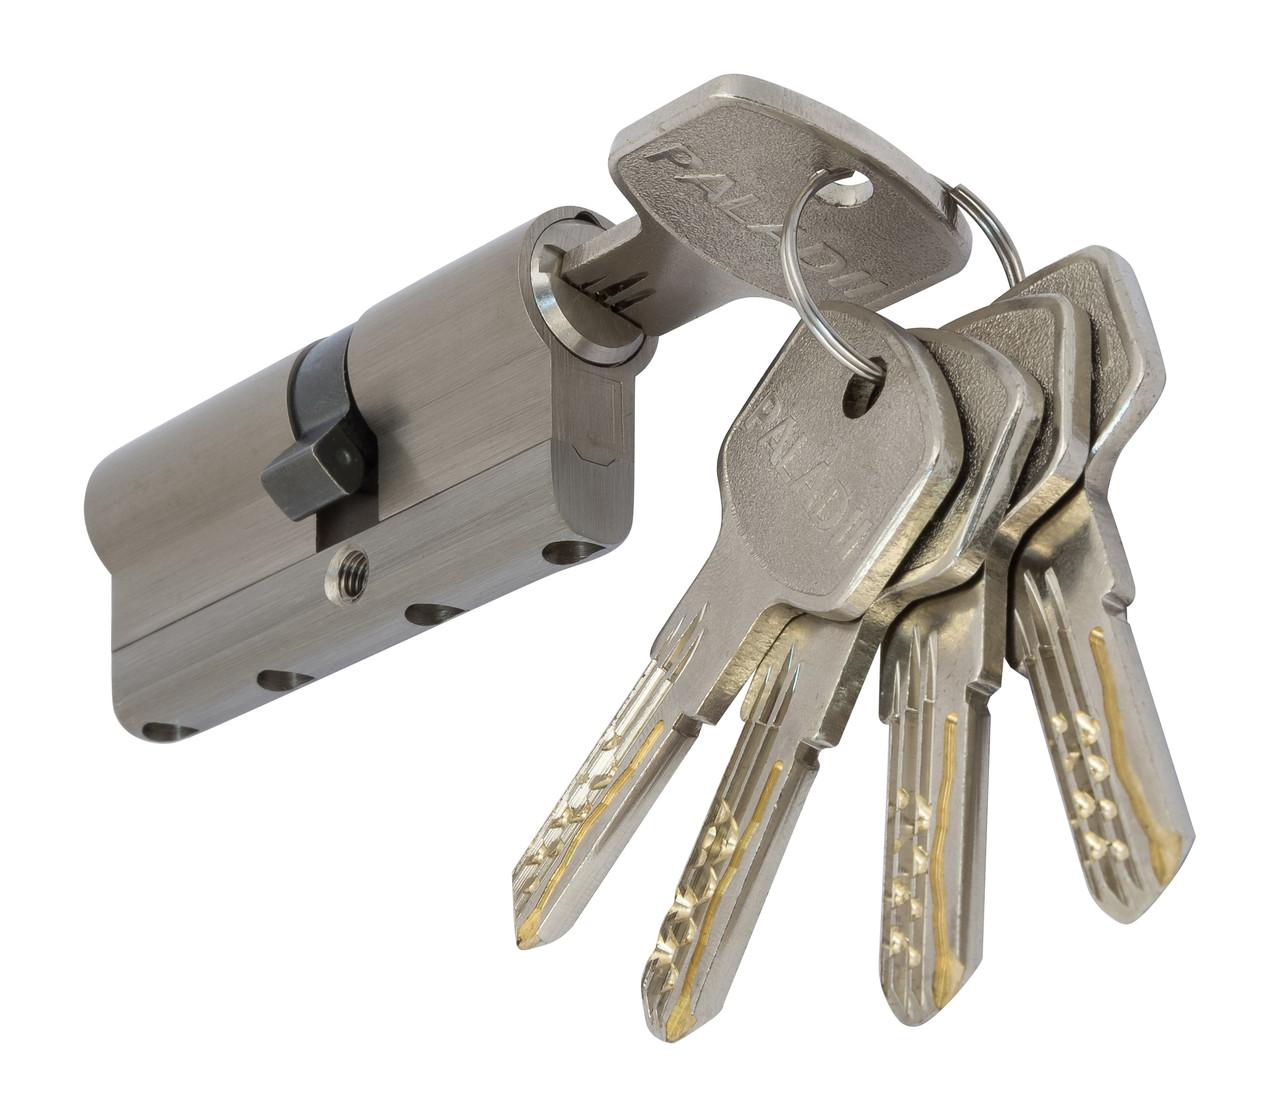 PALADII циліндровий механізм латунний з вставкою 80мм (35*45) 5 гібридних ключа сатен